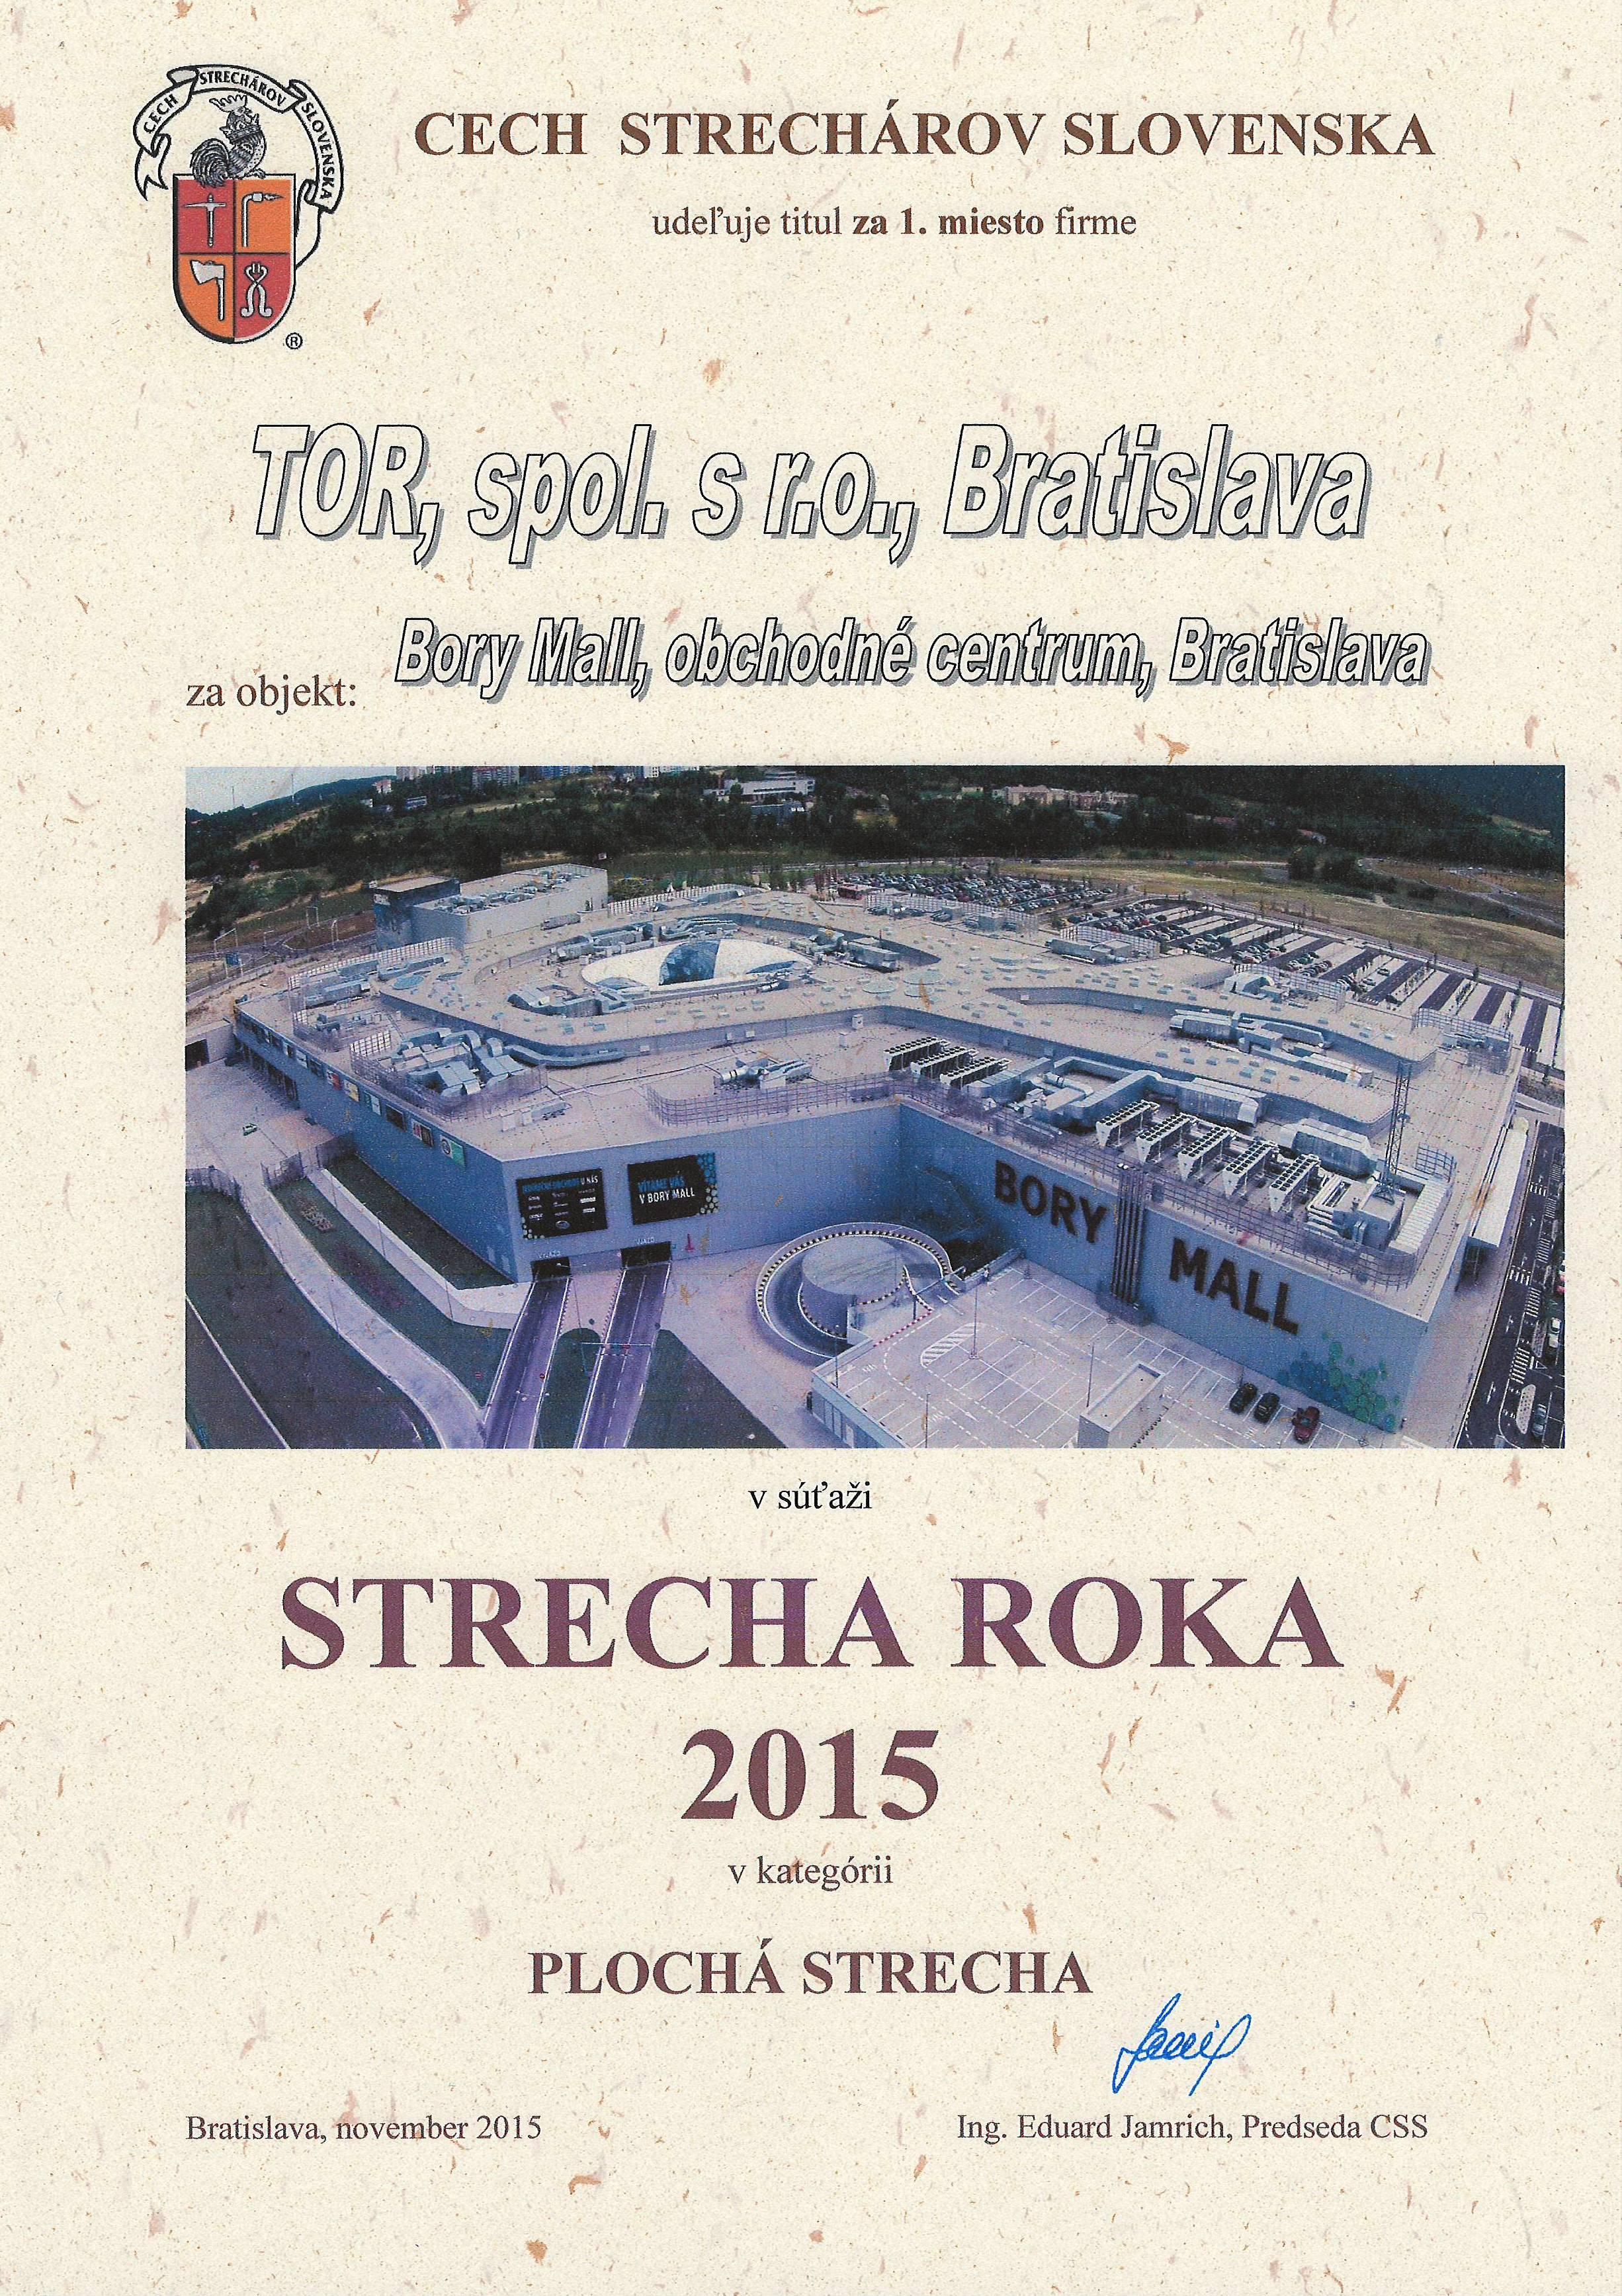 Strecha roka 2015 1.miesto